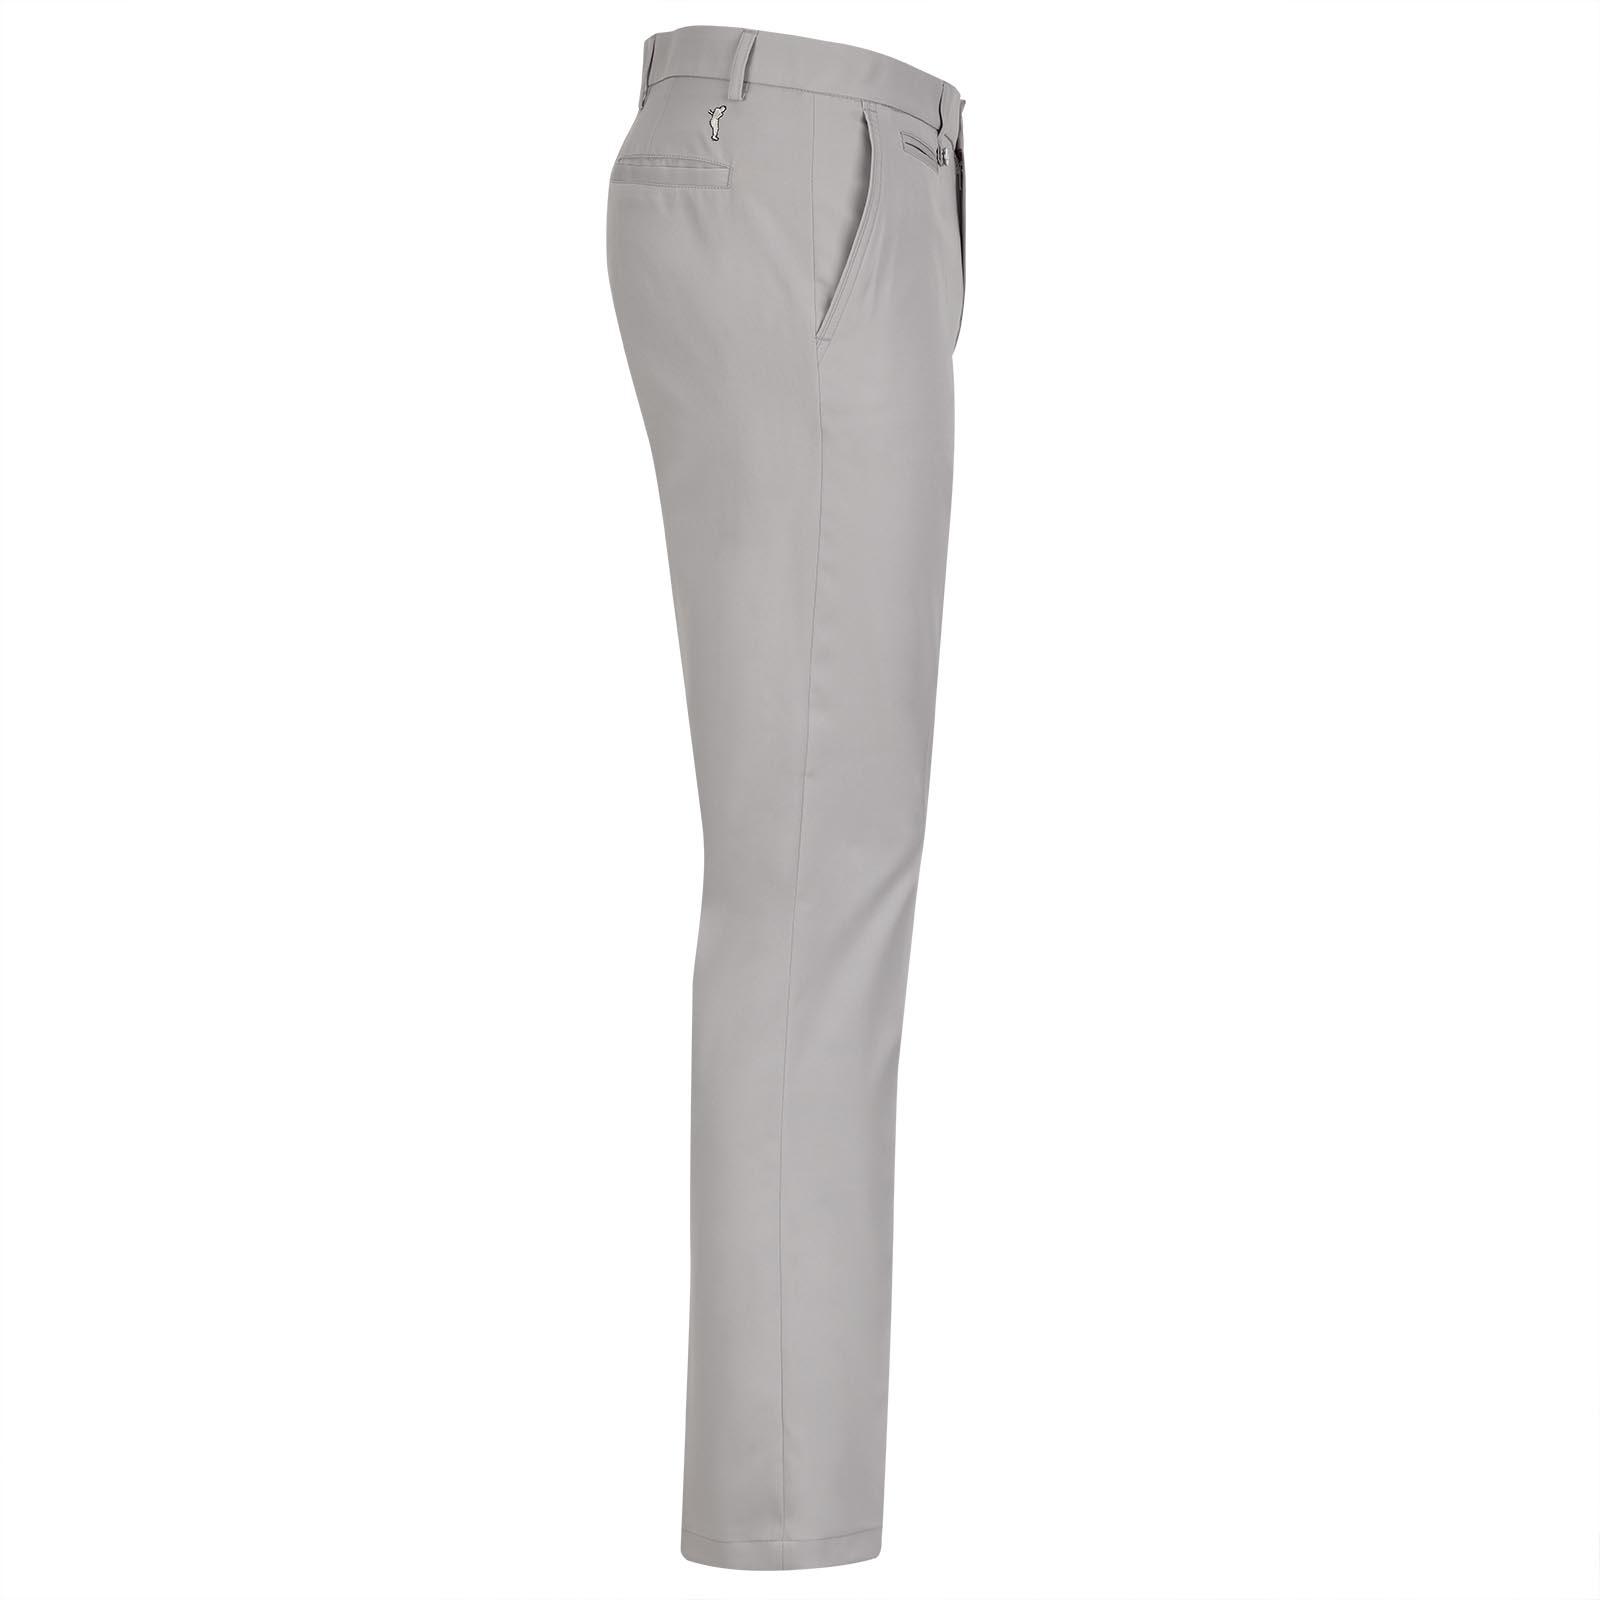 Herren Golfhose aus schnelltrocknendem und wasserabweisendem Material